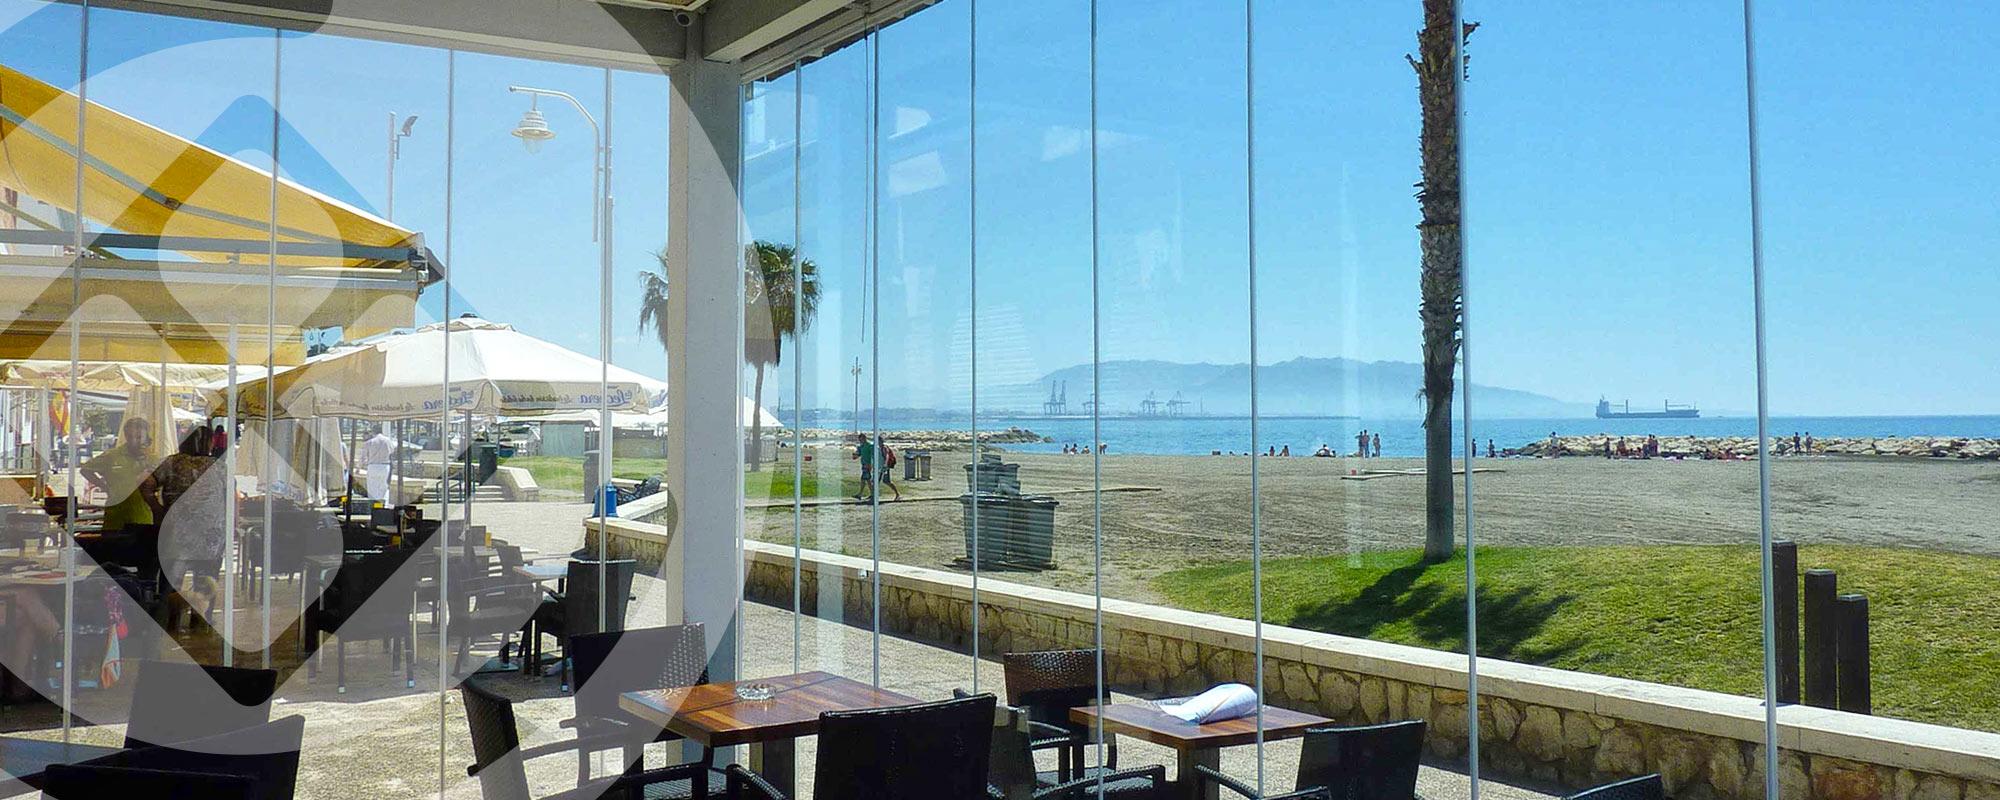 Cortinas de Cristal para residencias costa del sol